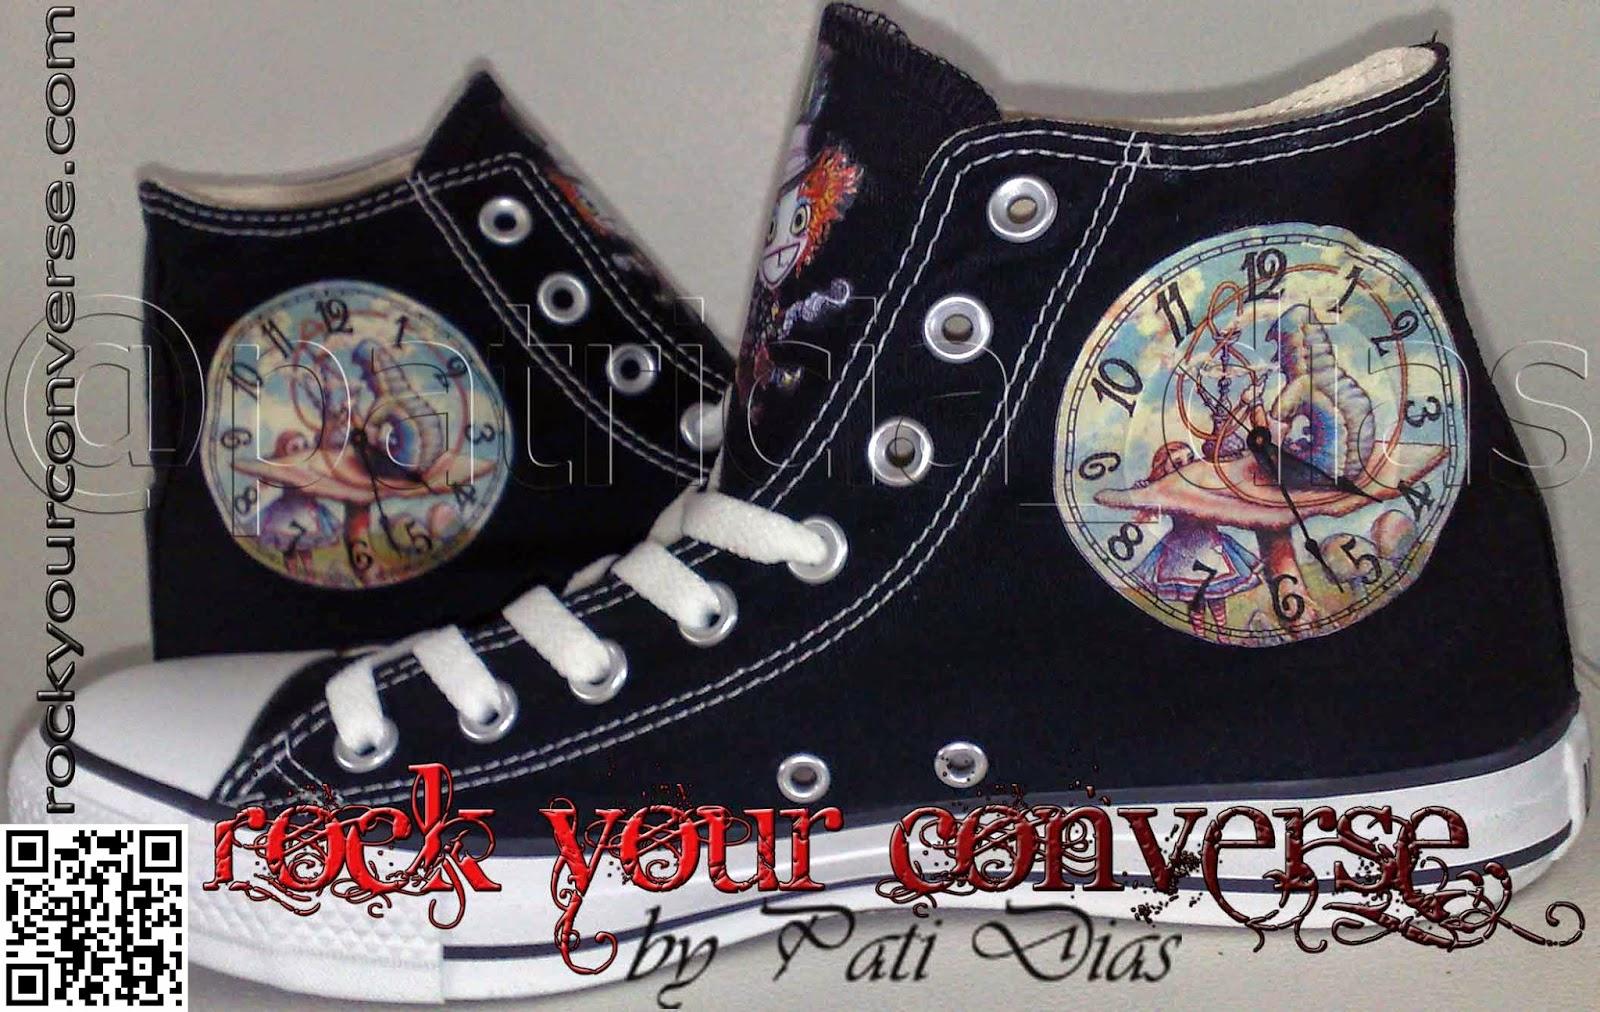 68822dc7d1 Converse All Star Customizado - Rock Your Converse!  O Mundo ...